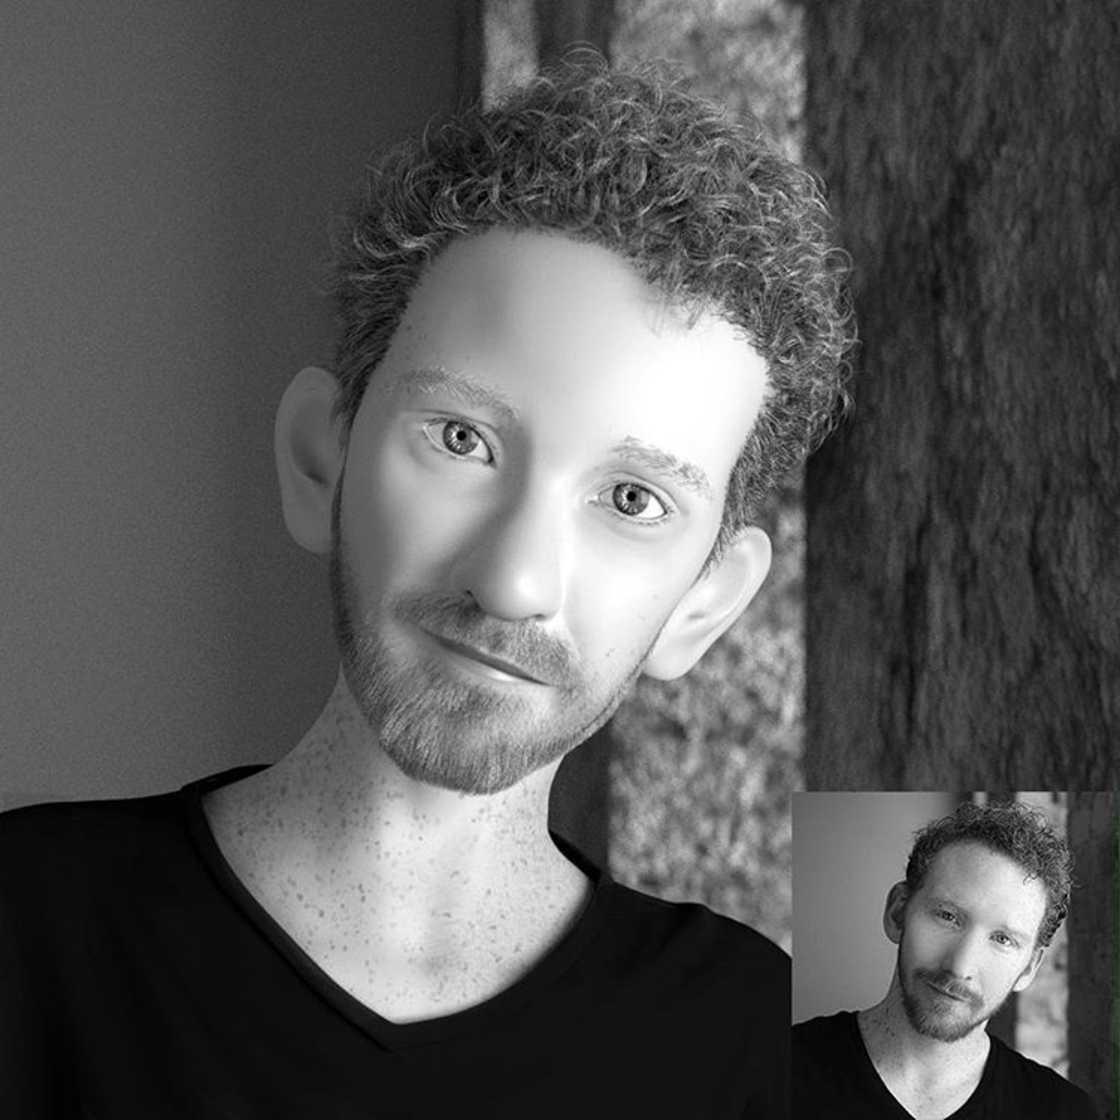 Il transforme les photos de profil en superbes portraits 3D